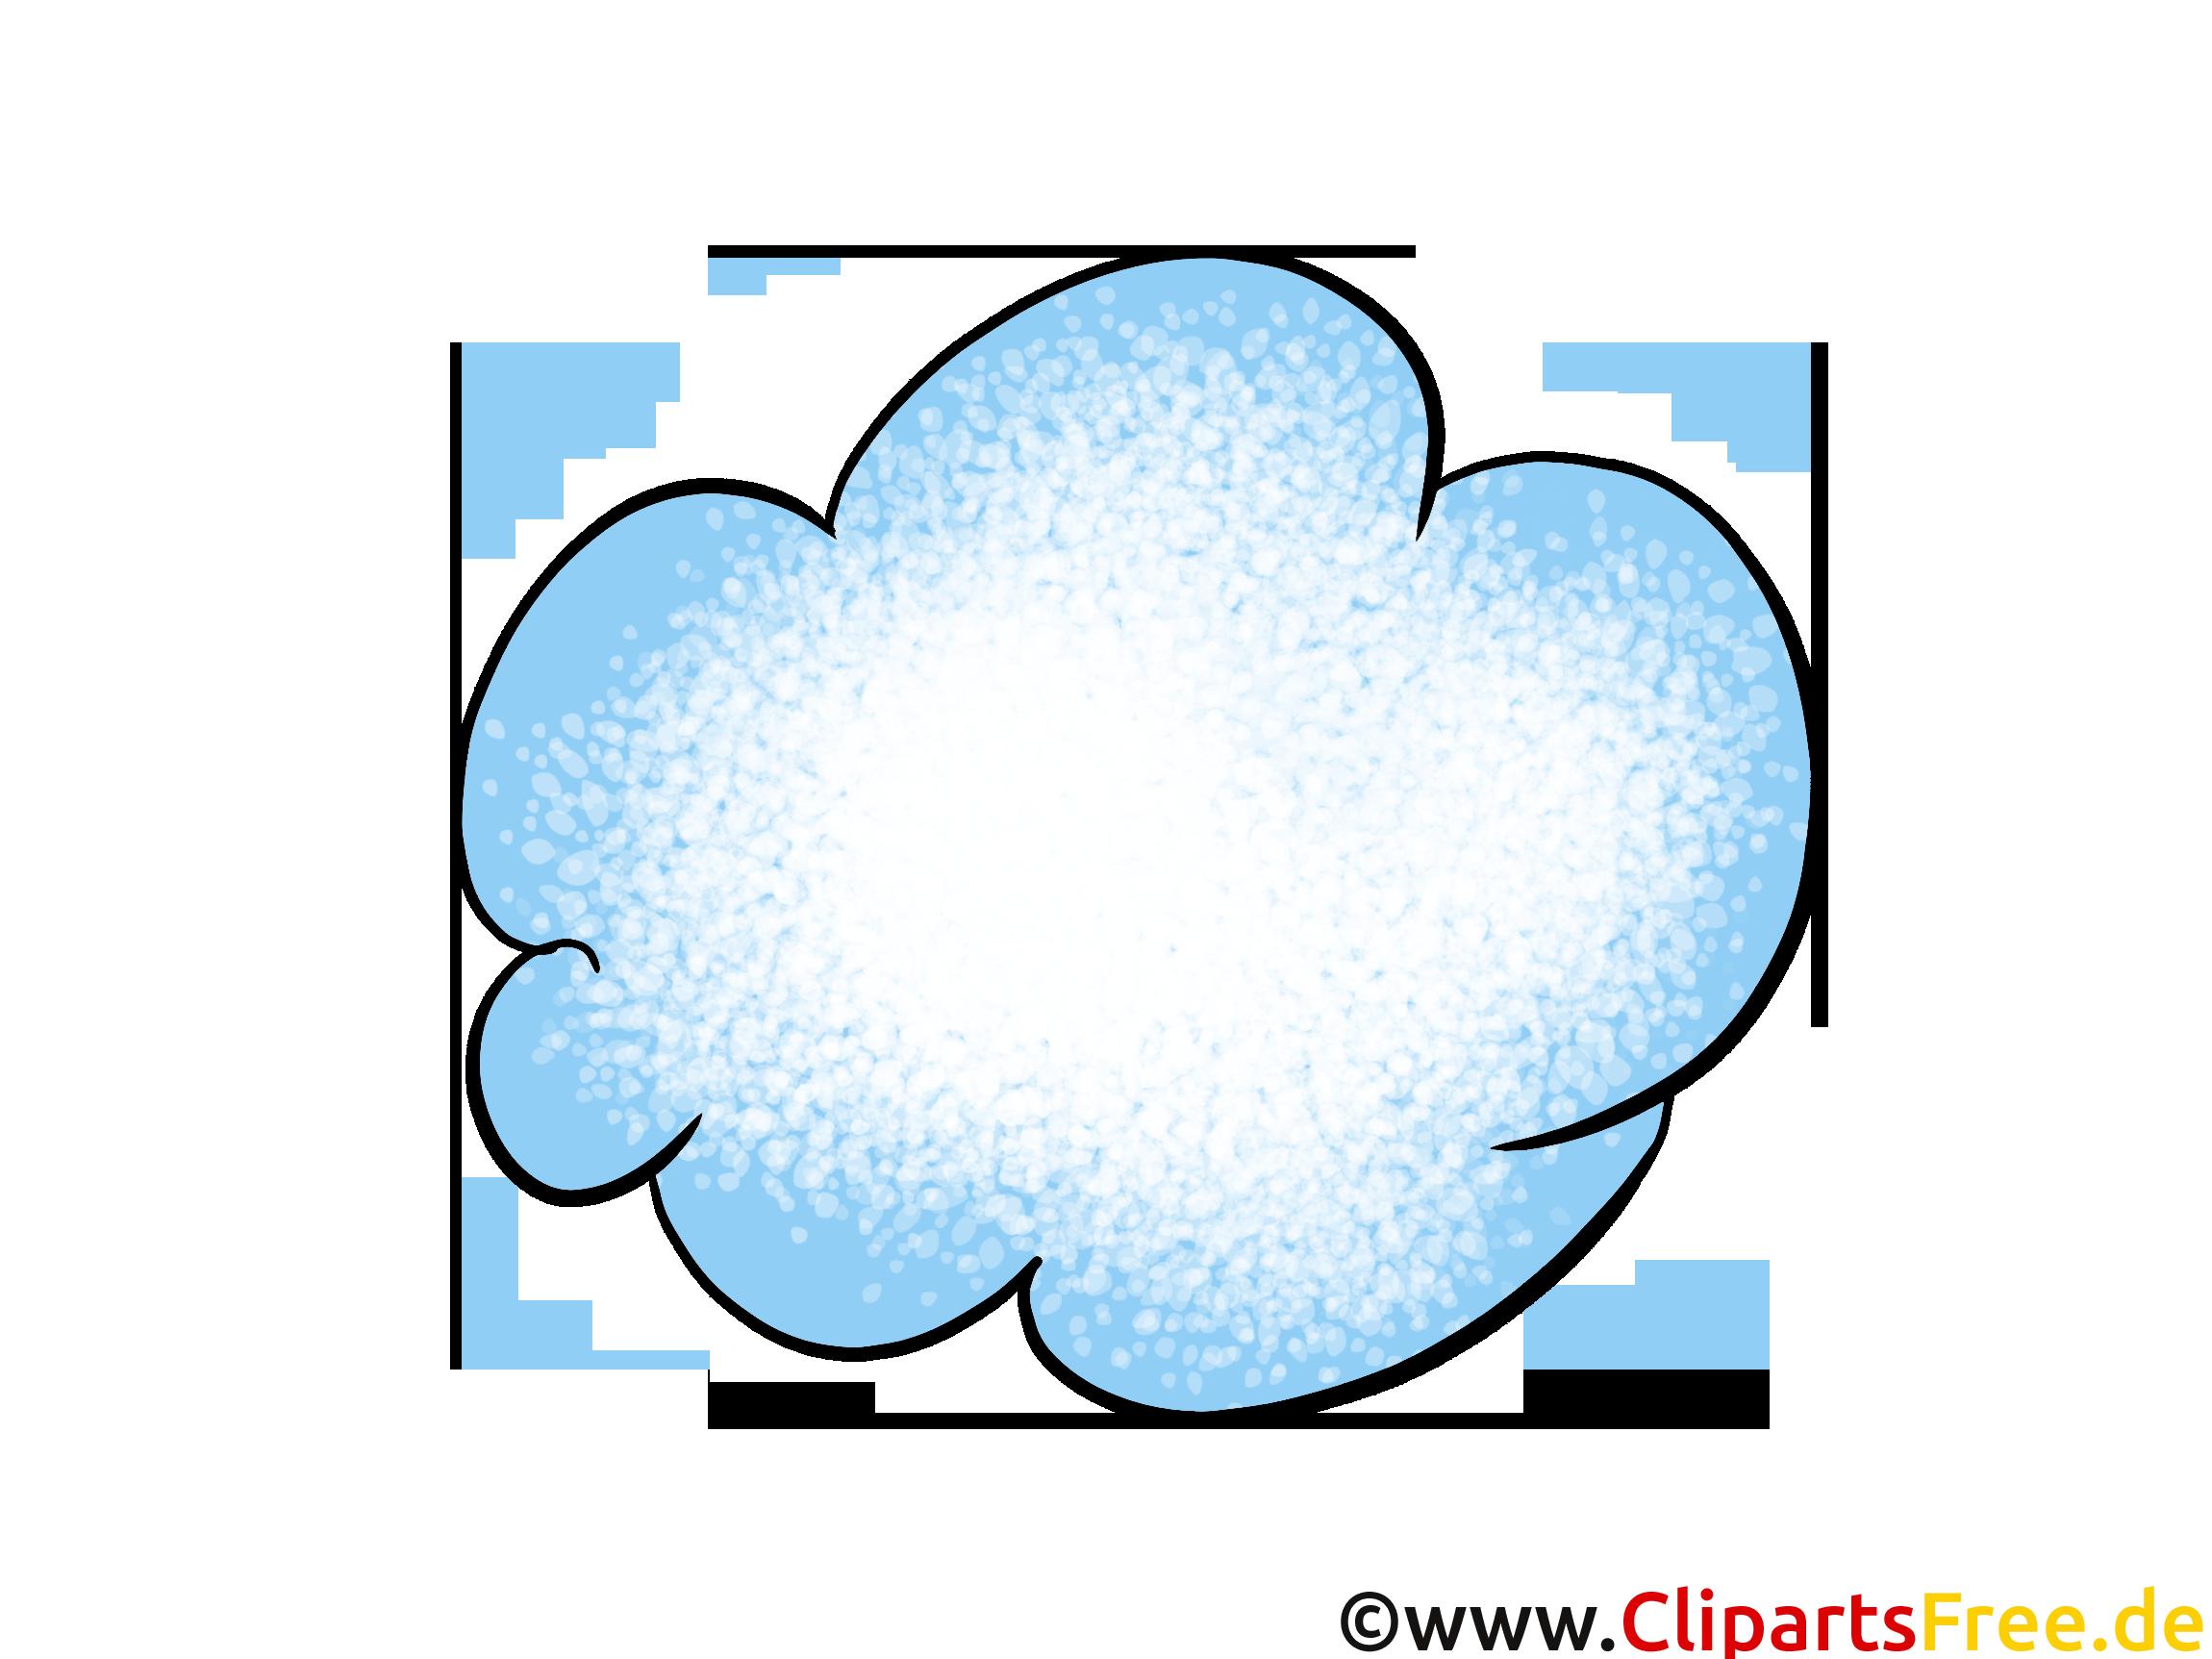 ... dessin, picture, image, graphic, clip art télécharger gratuit